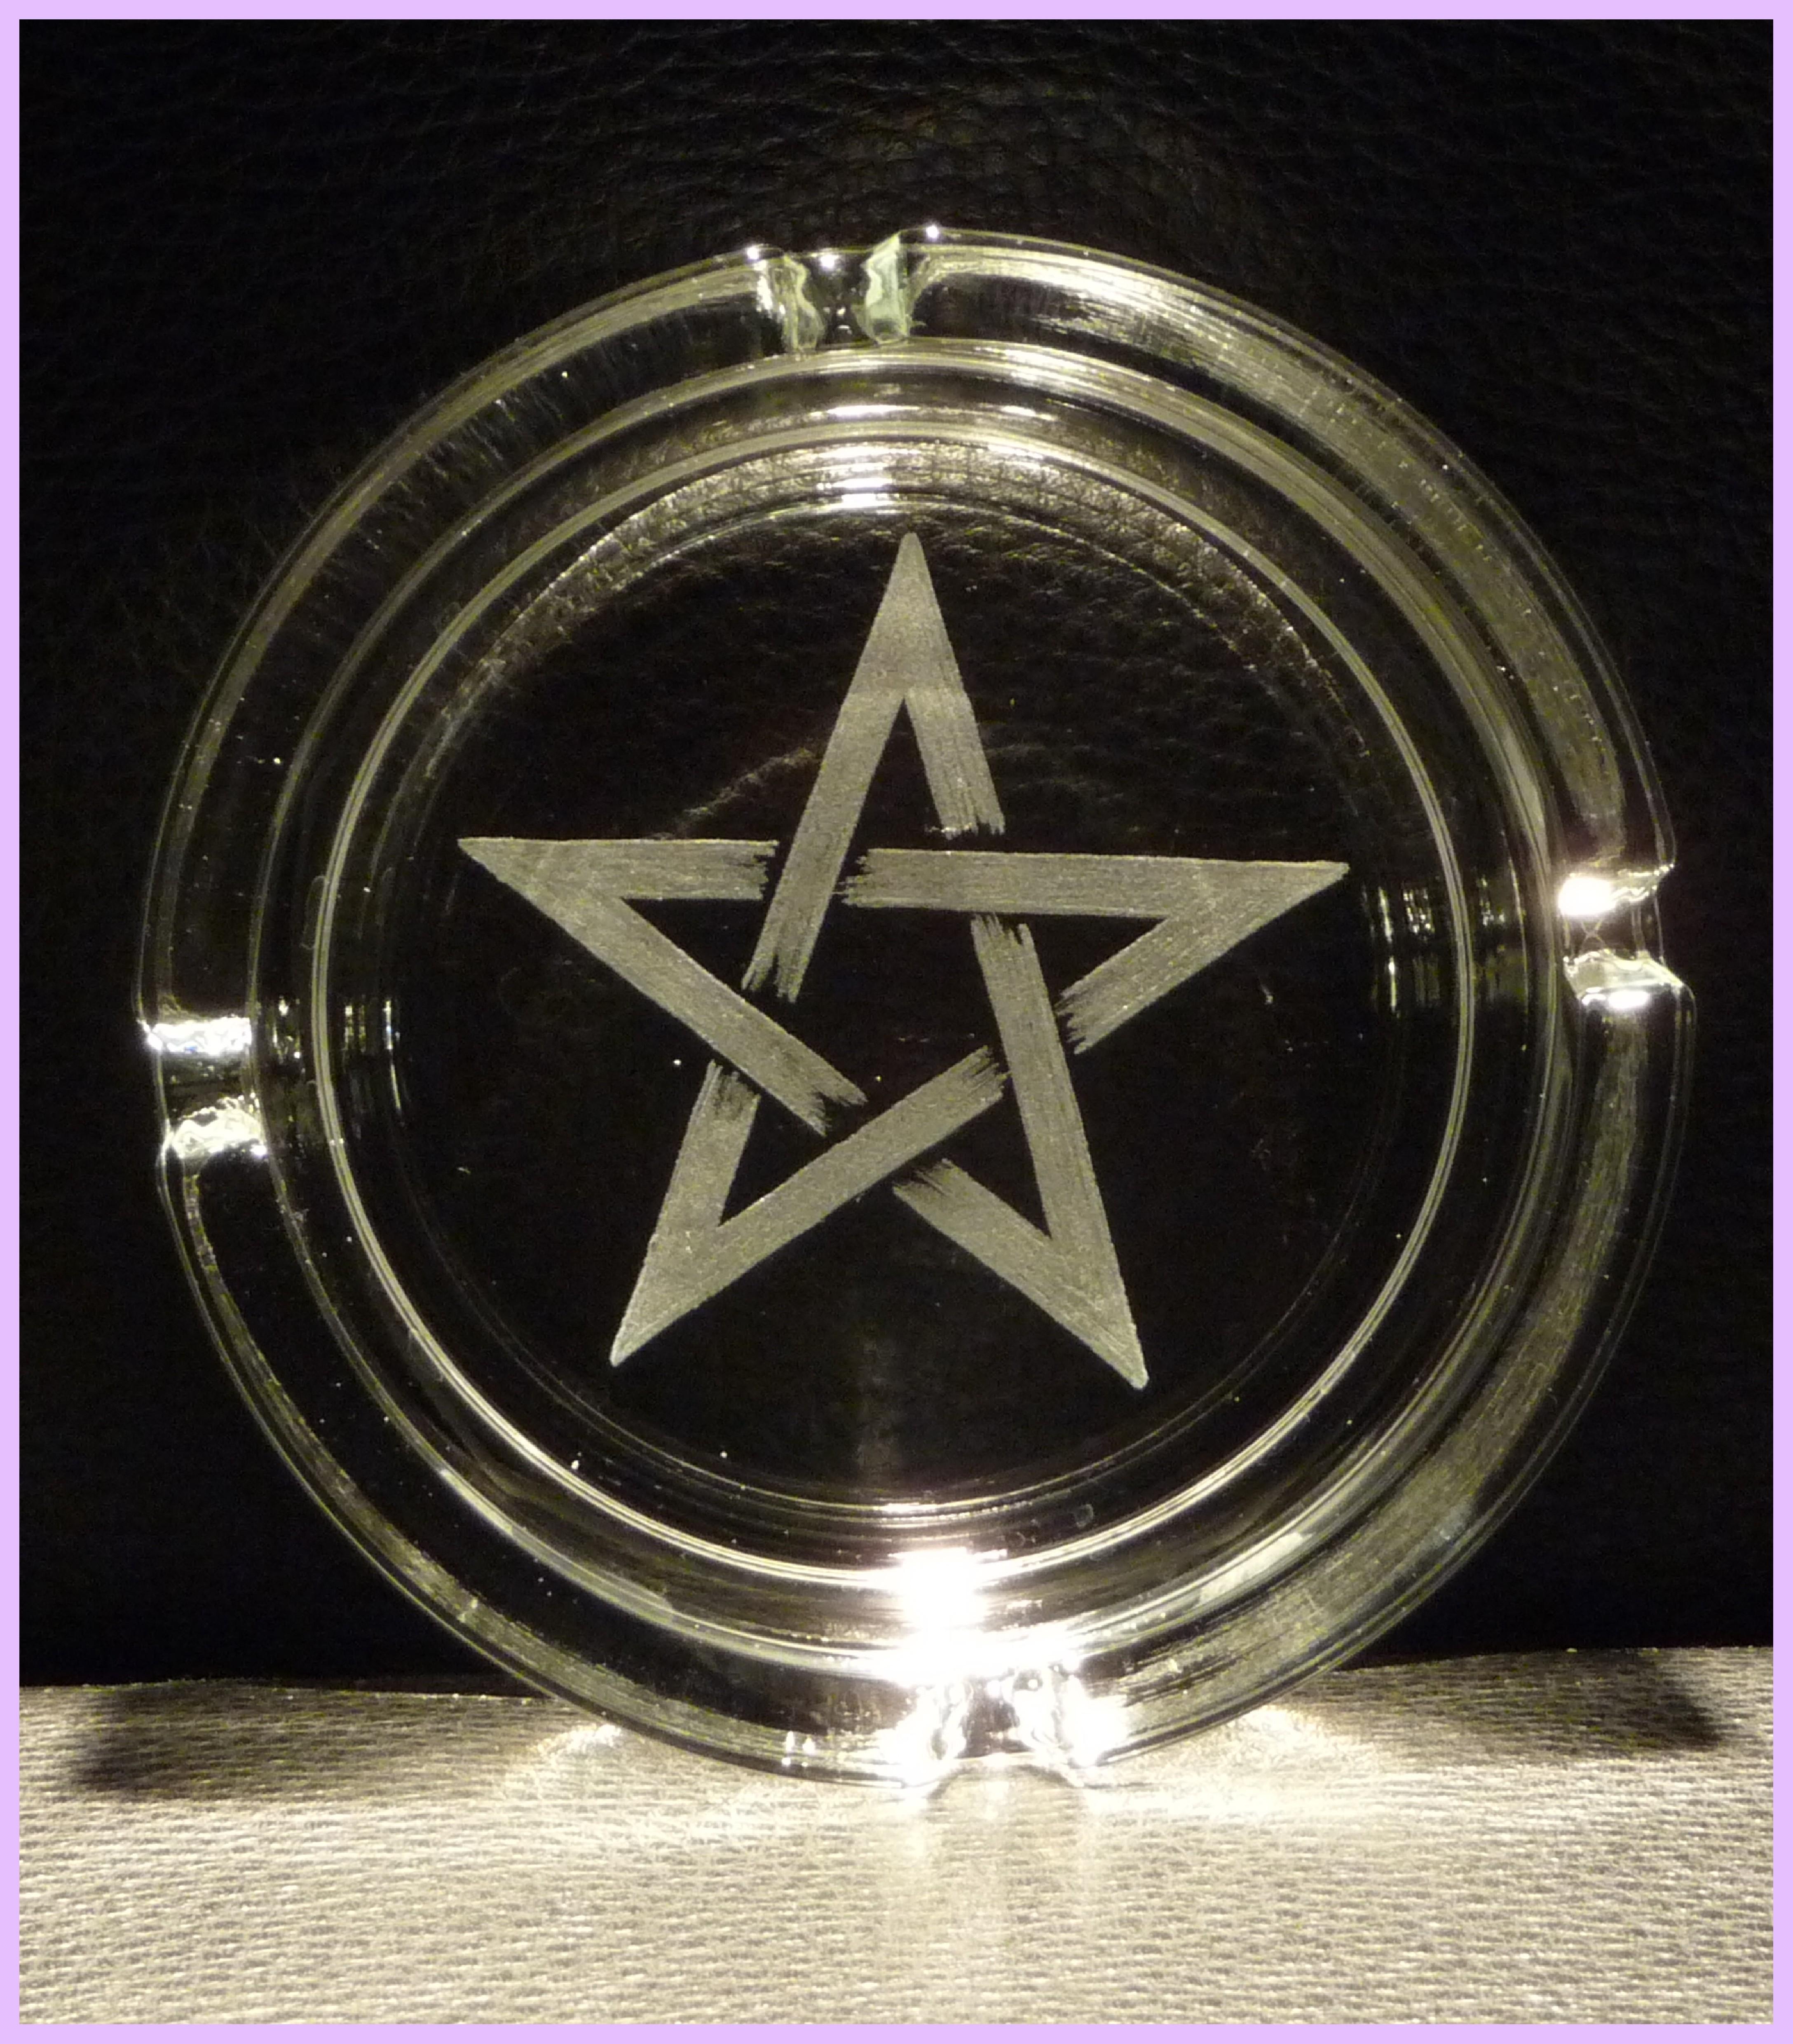 hexenstich hexenstich darkside pentagramm. Black Bedroom Furniture Sets. Home Design Ideas